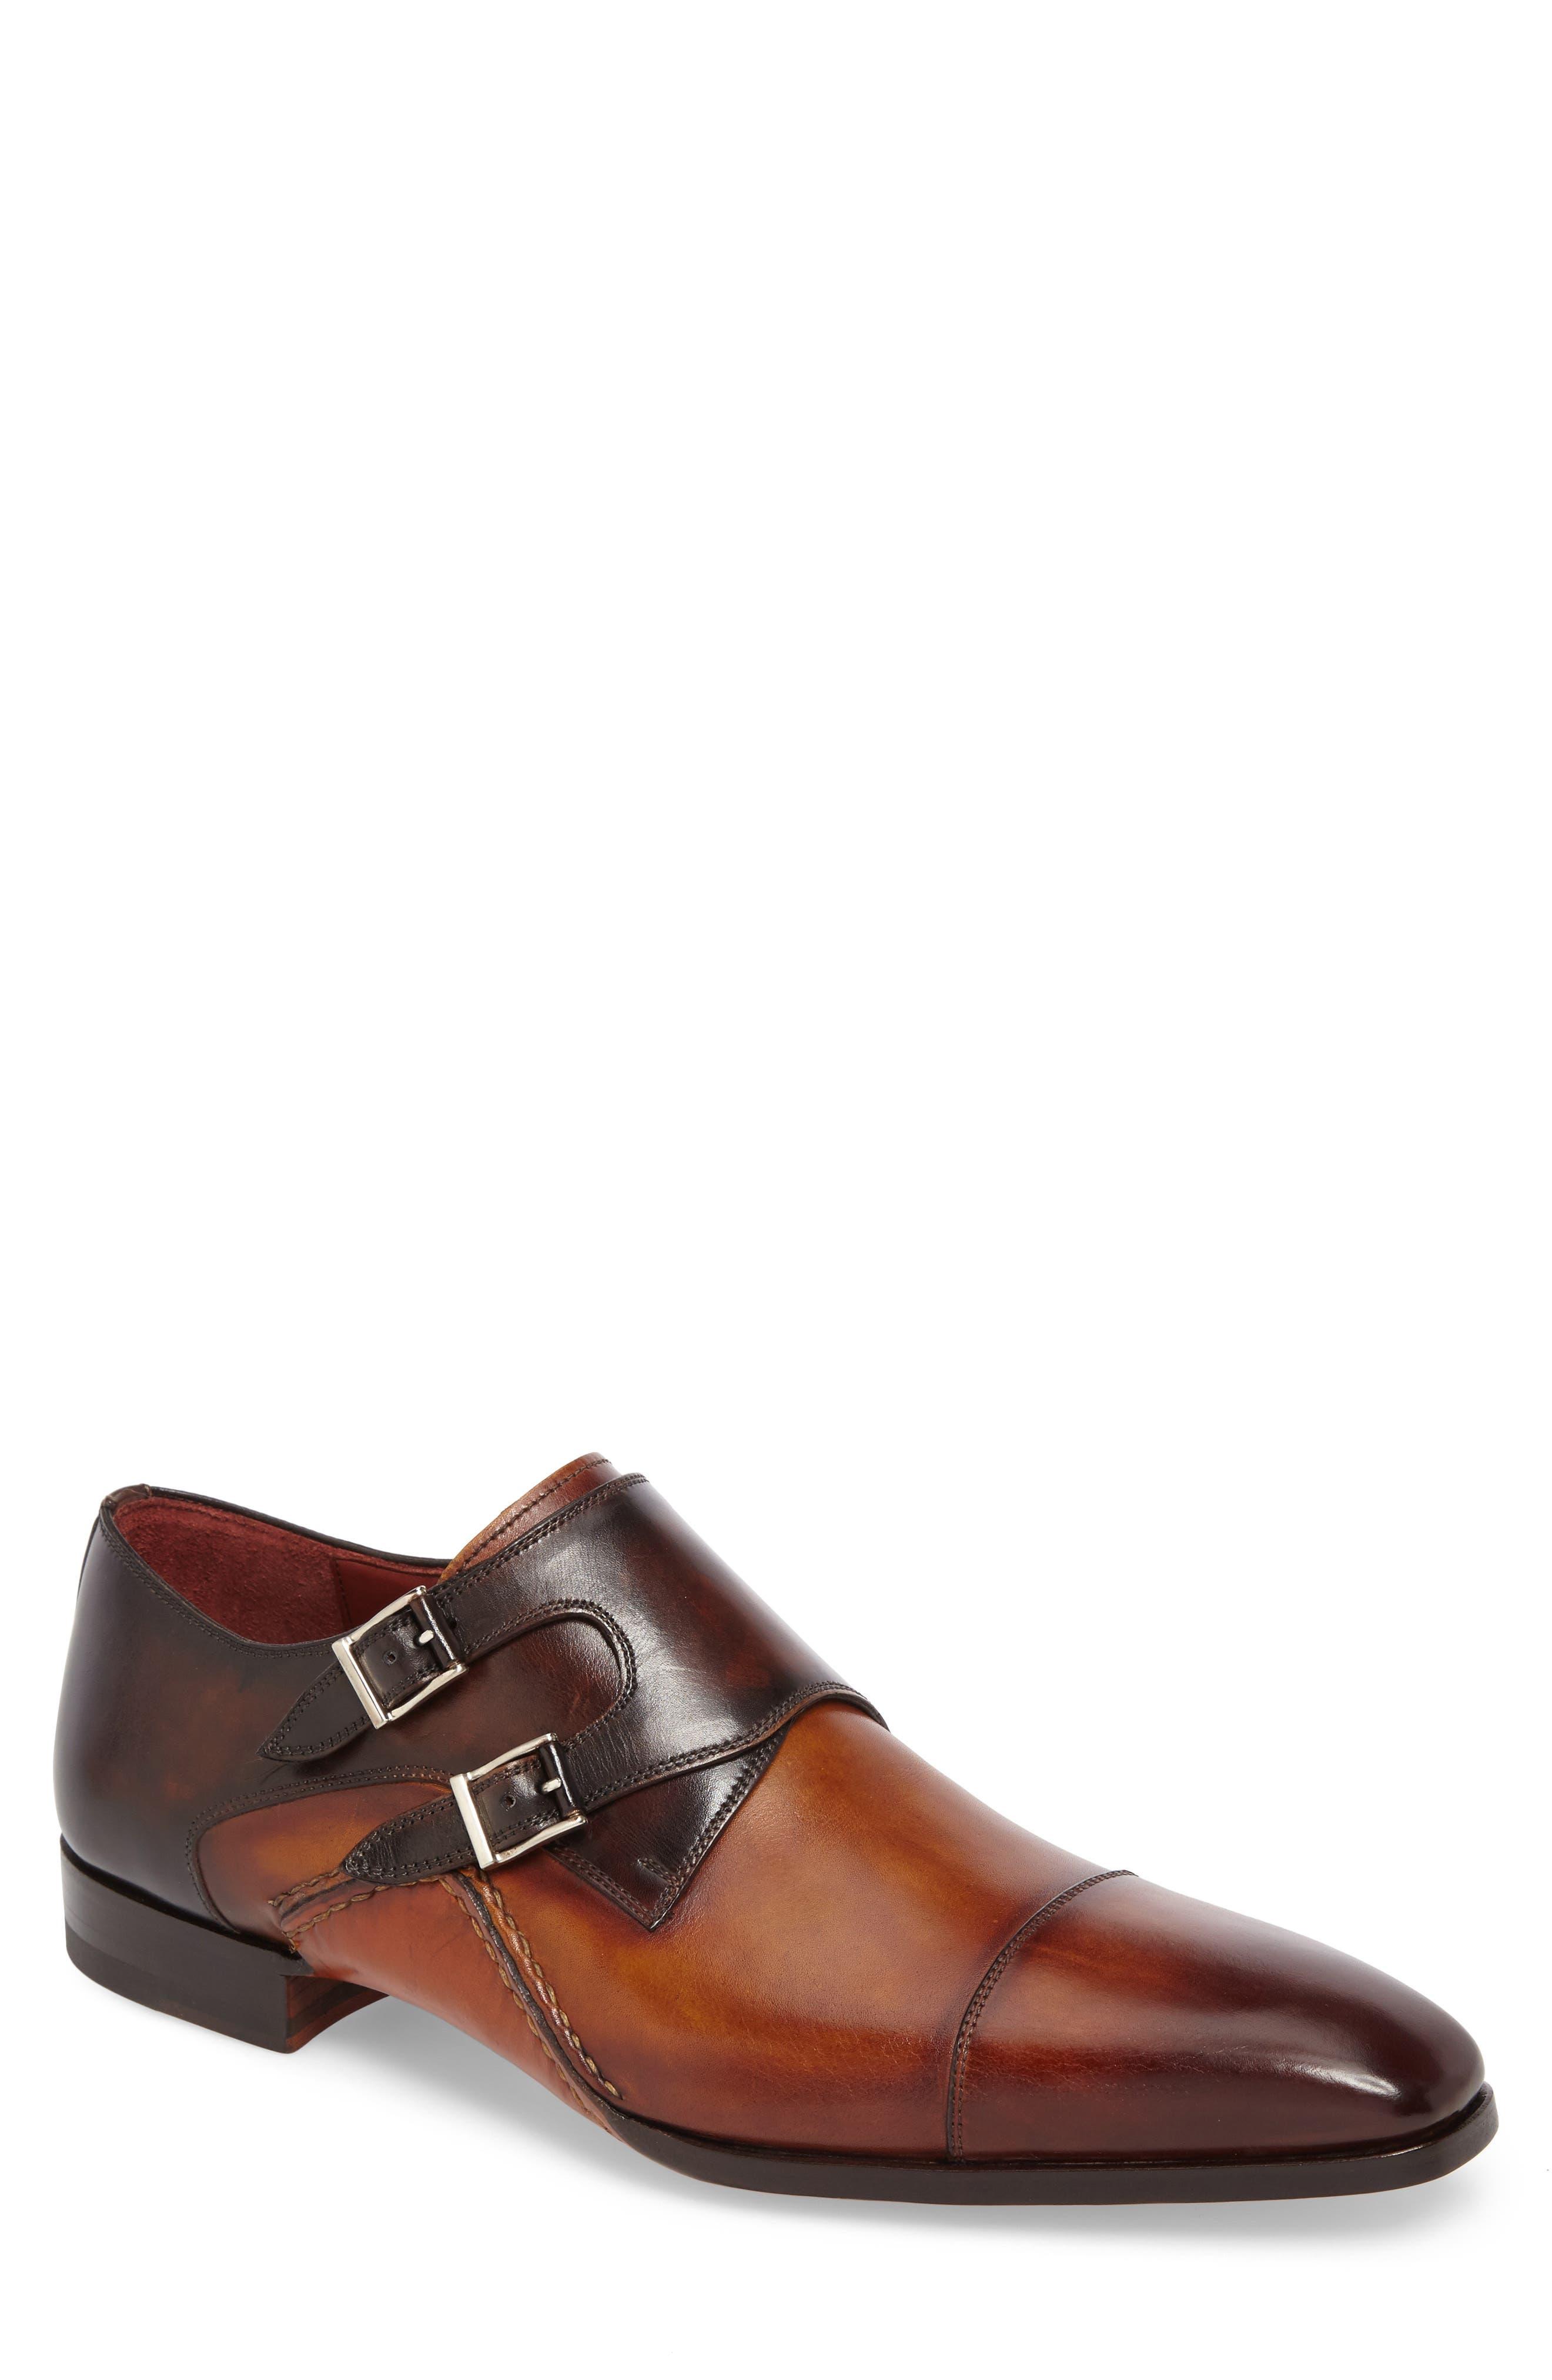 MAGNANNI,                             Ondara Double Monk Strap Shoe,                             Main thumbnail 1, color,                             CUERO/ BROWN LEATHER